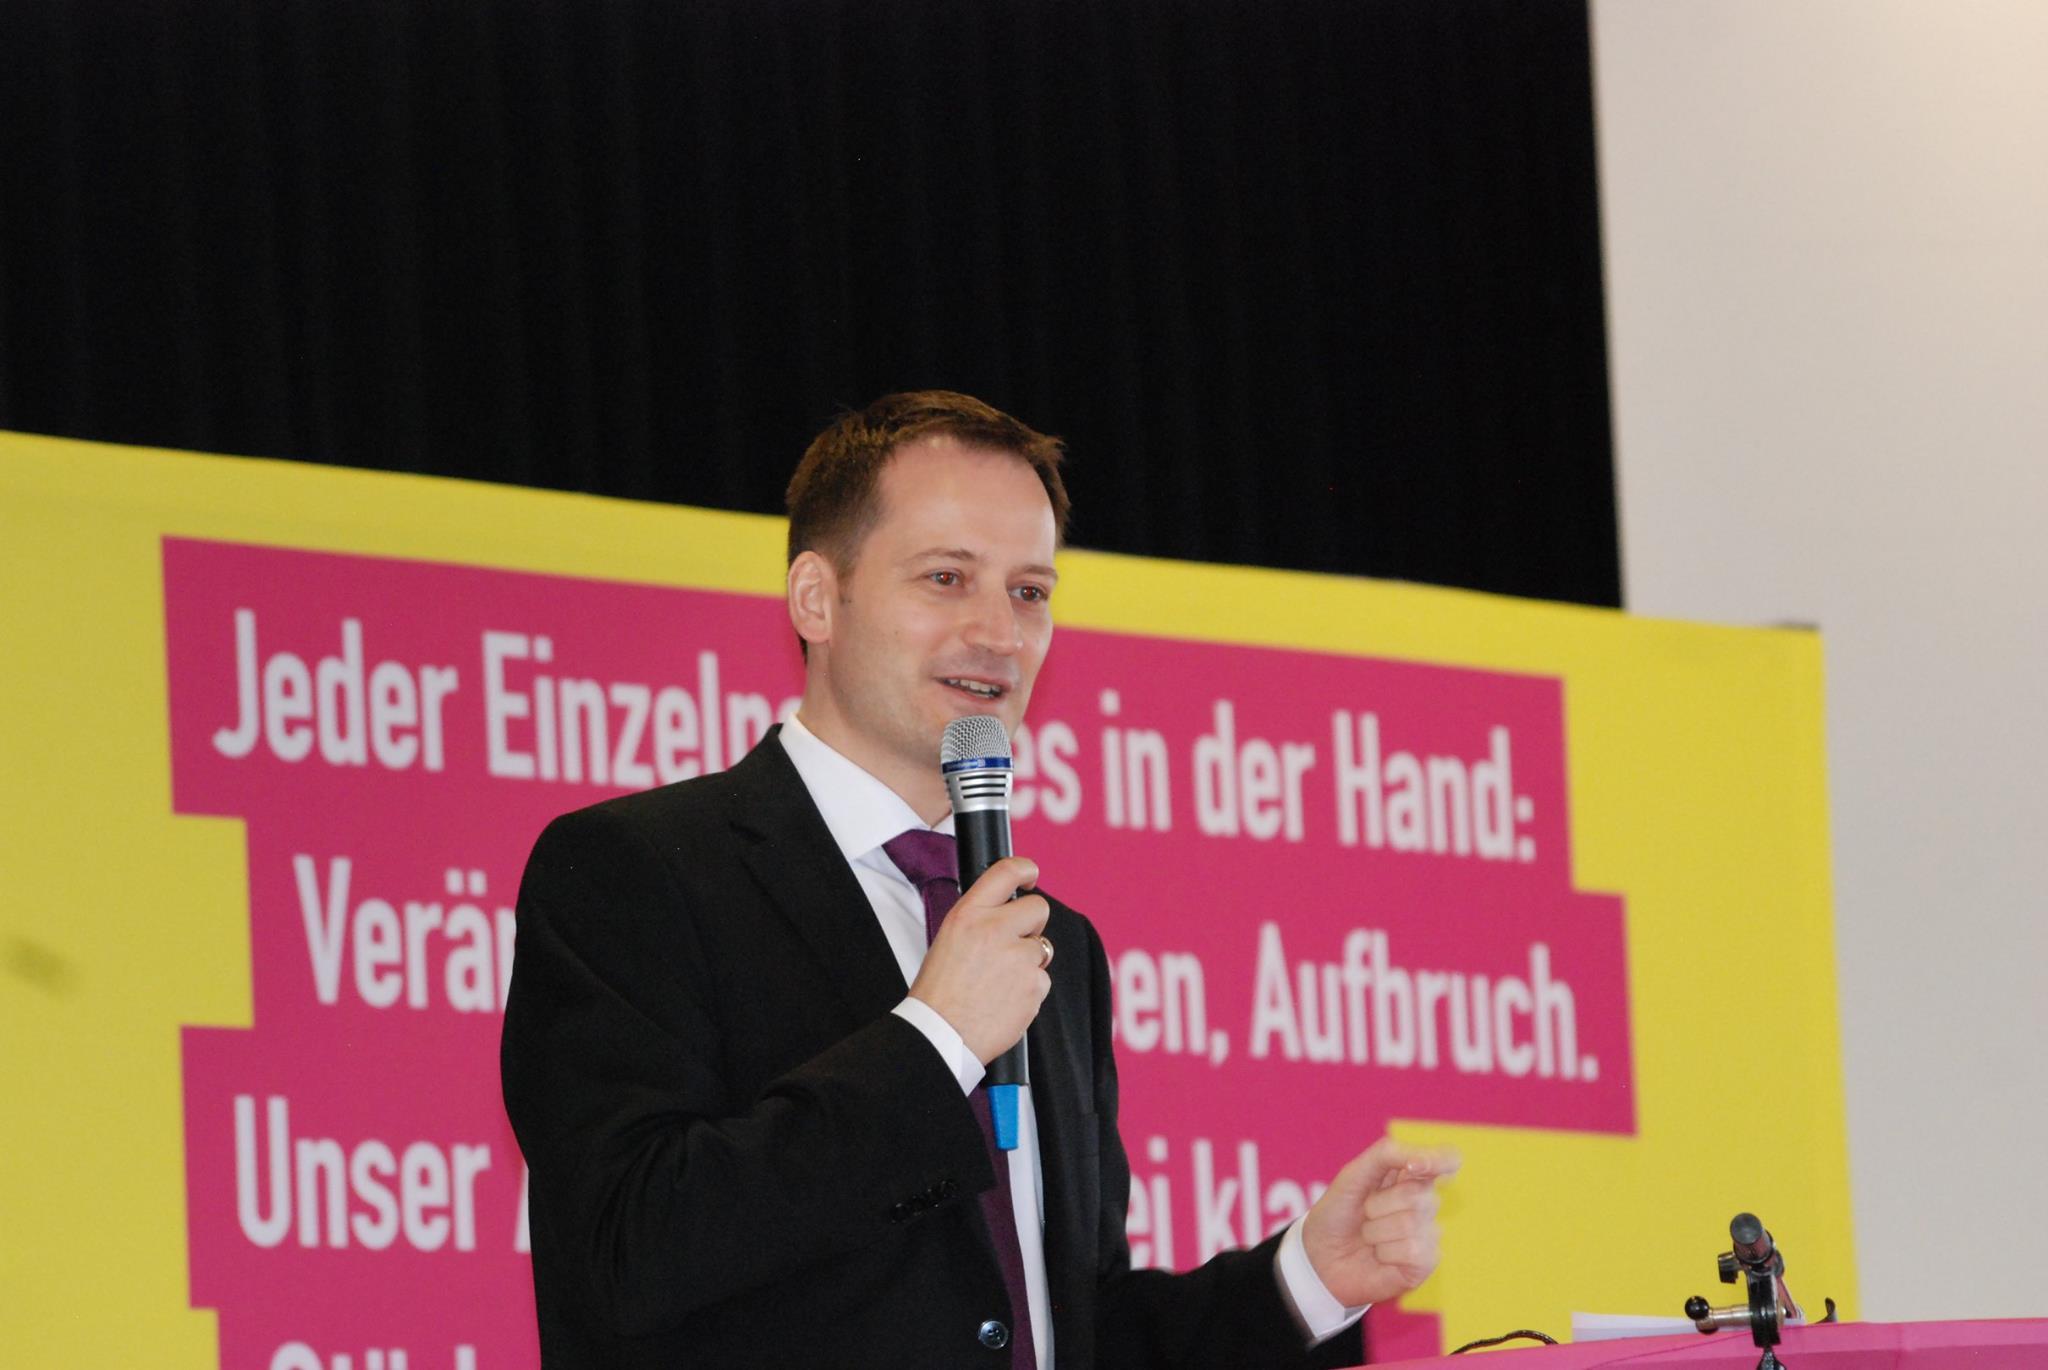 Manuel Höferlin Spitzenkandidat zur Bundestagswahl im Landesverband Rheinland-Pfalz